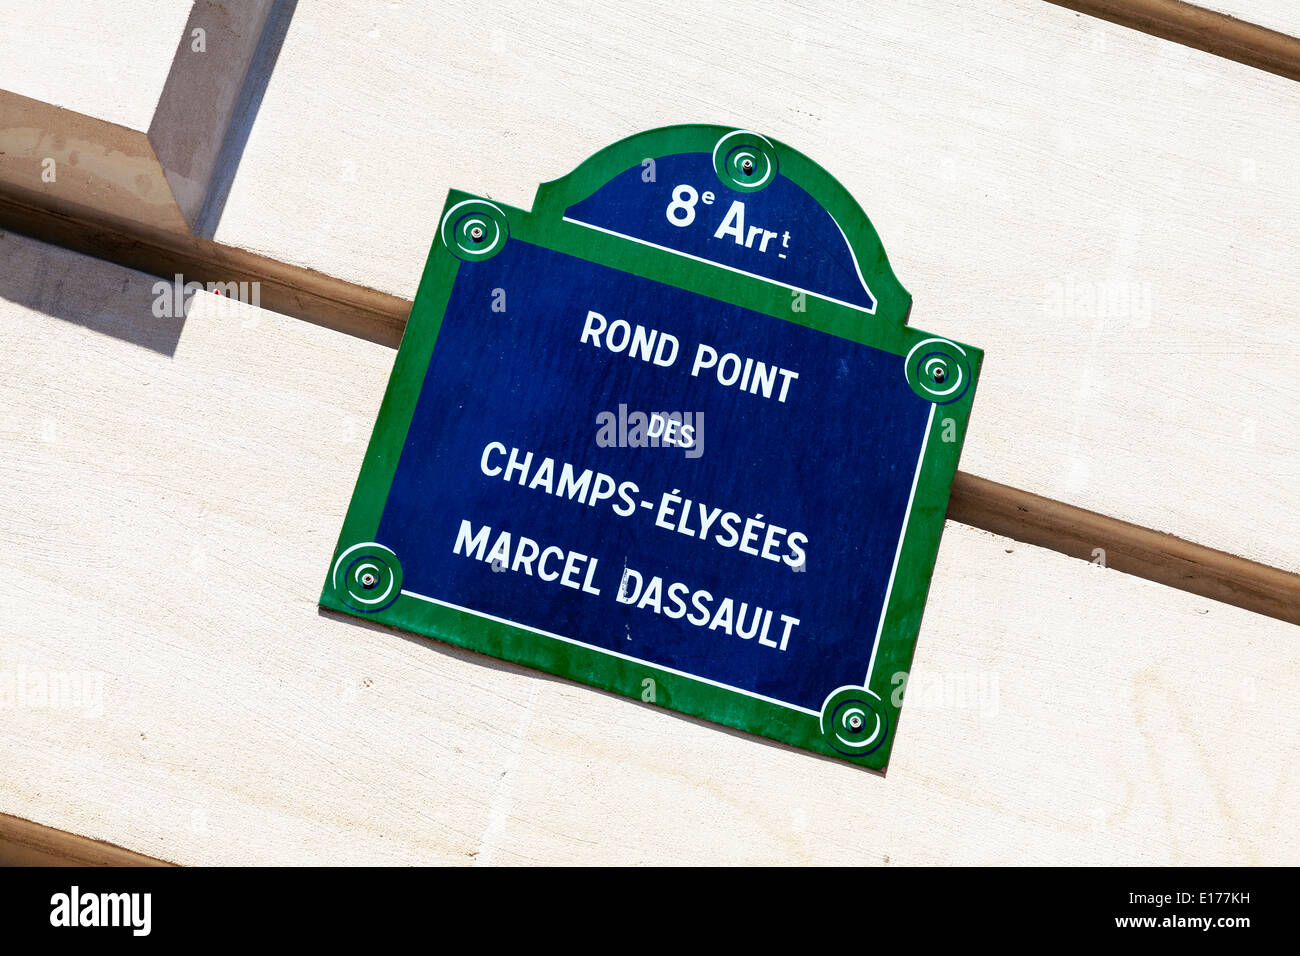 Rond point des Champs Elysées avenue des Champs-Elysées Paris signe Marcel Dassault ville europe destination européenne Photo Stock